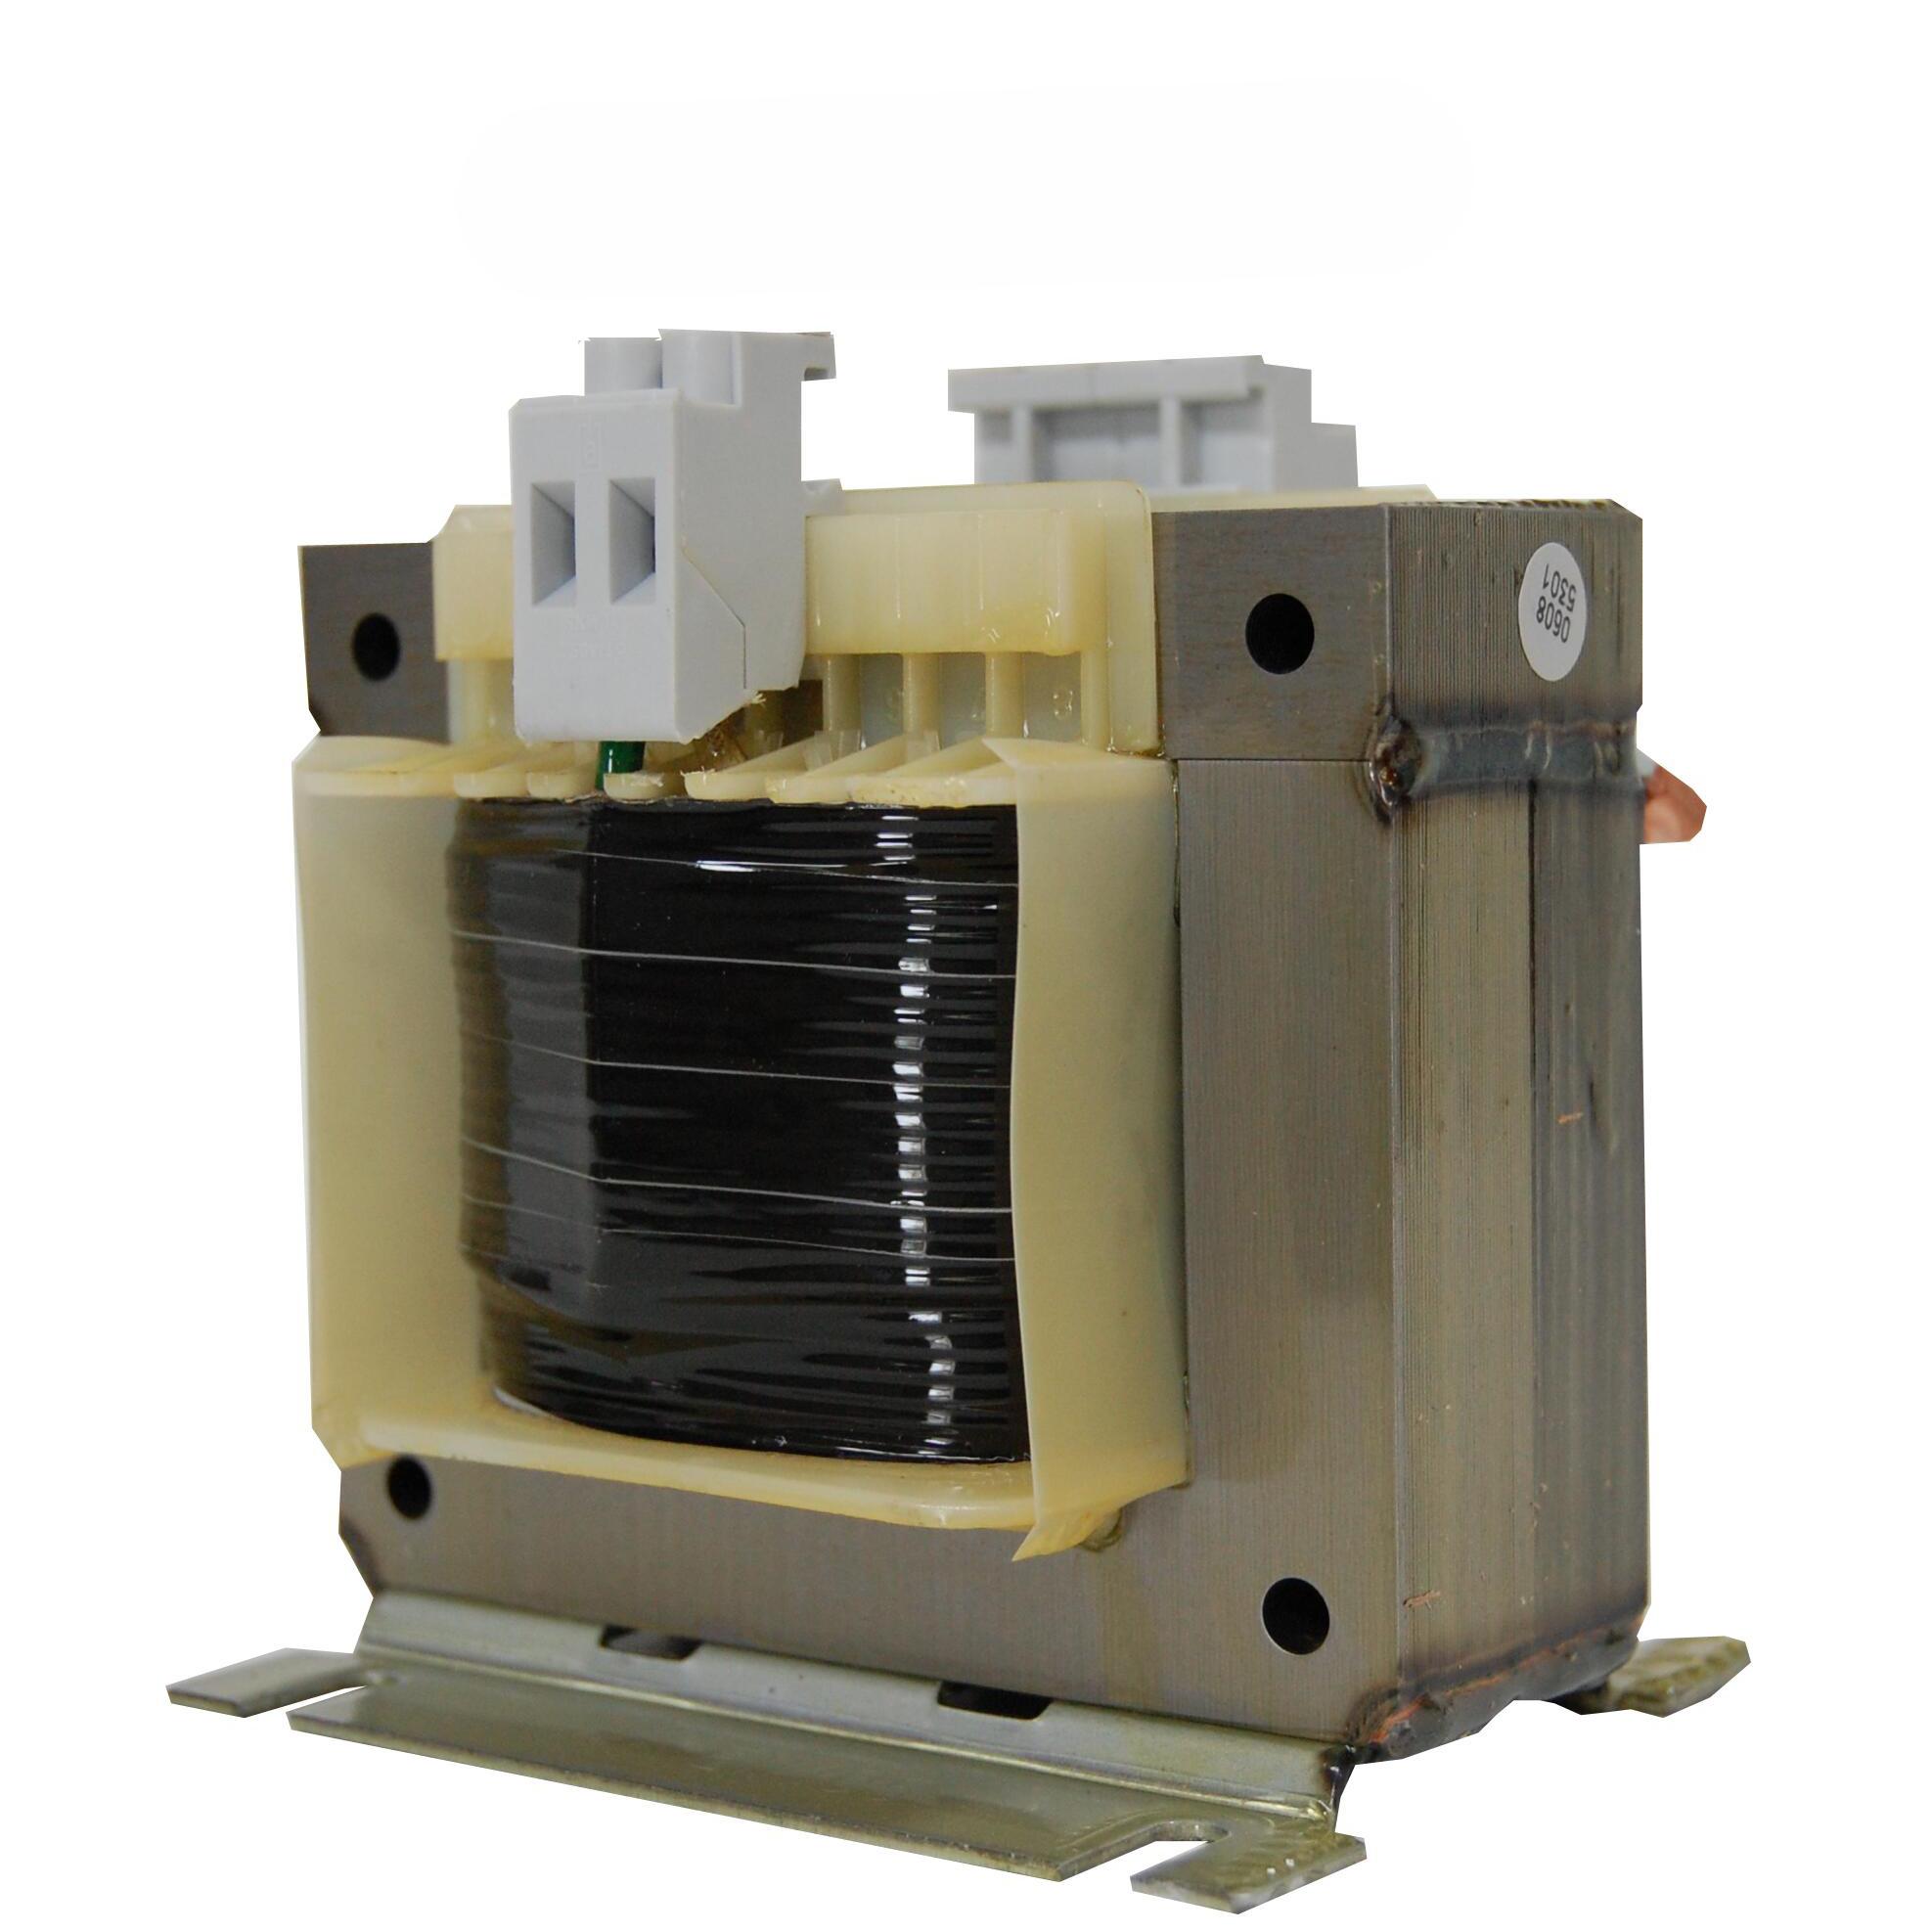 1 Stk Einphasen Steuertransformator 400/24V, 200VA, IP00 LP603020T-